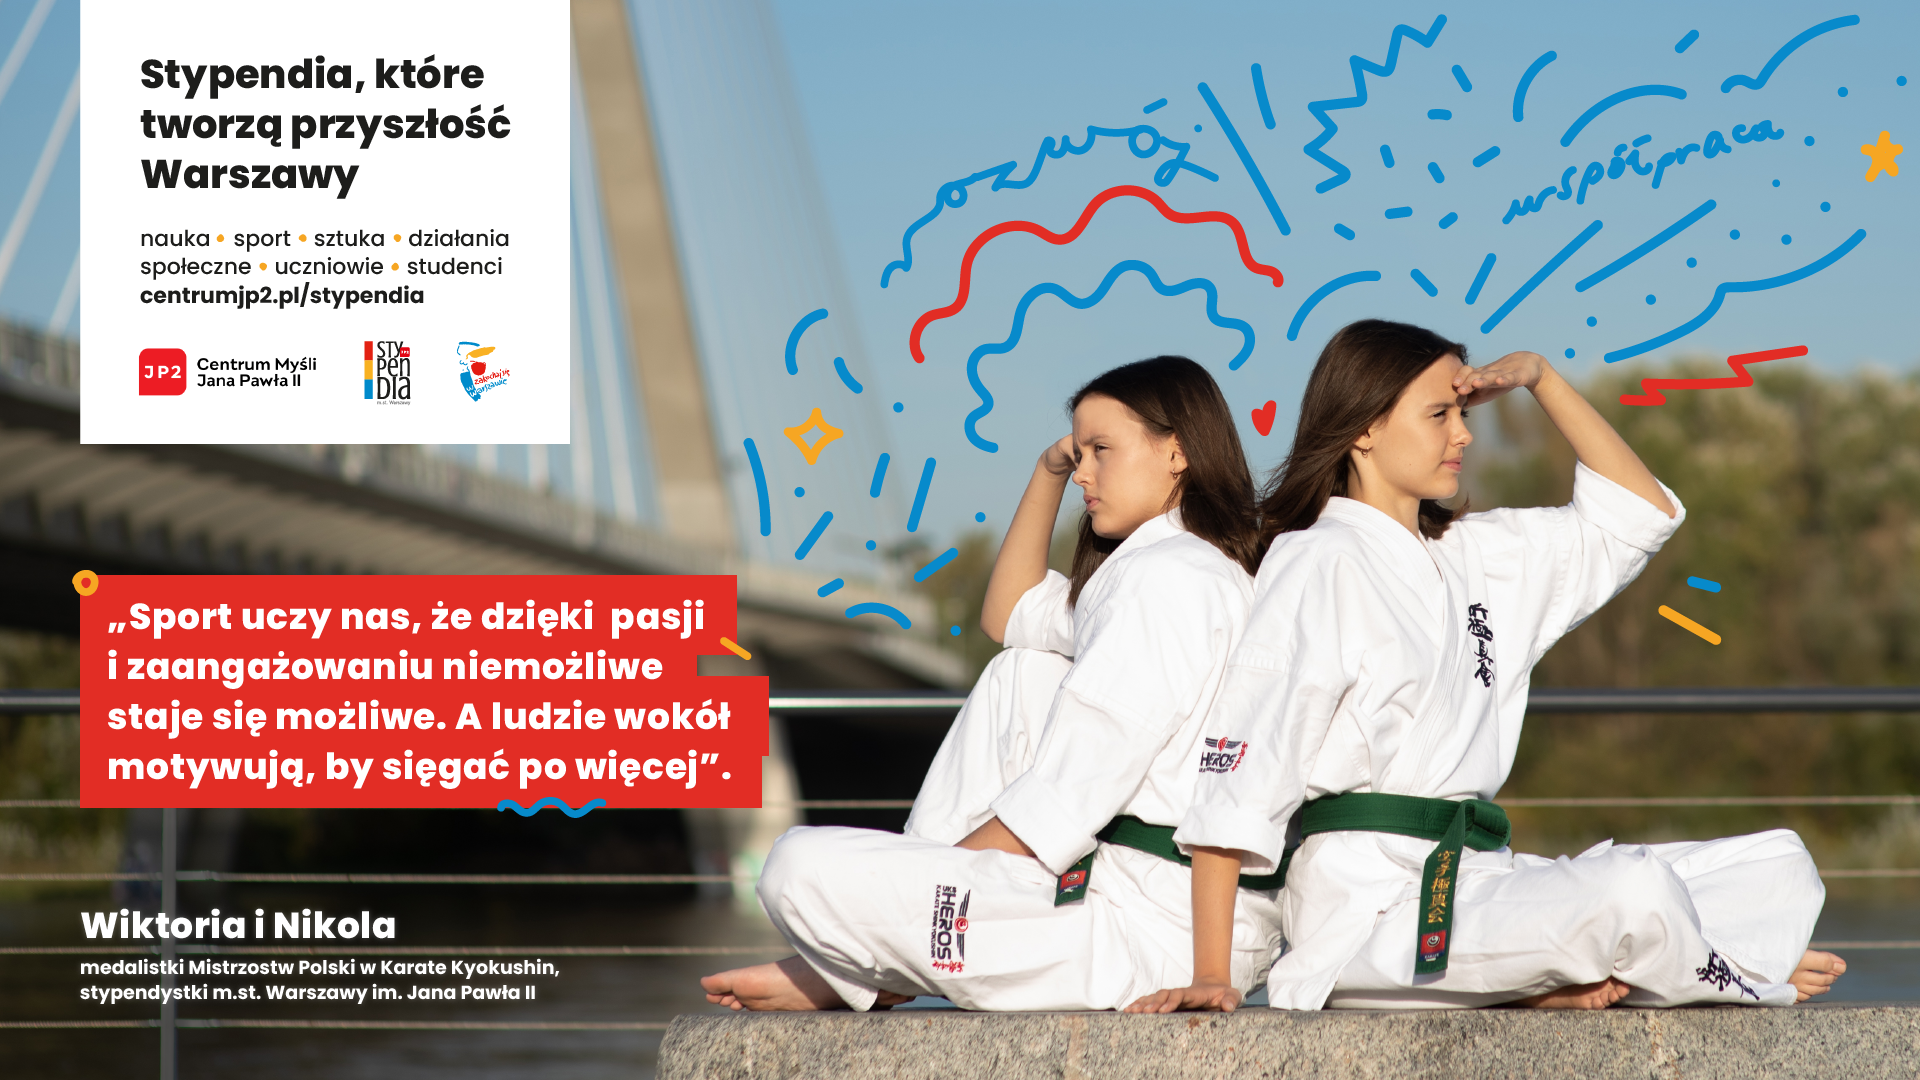 plakat kampanii informacyjnej